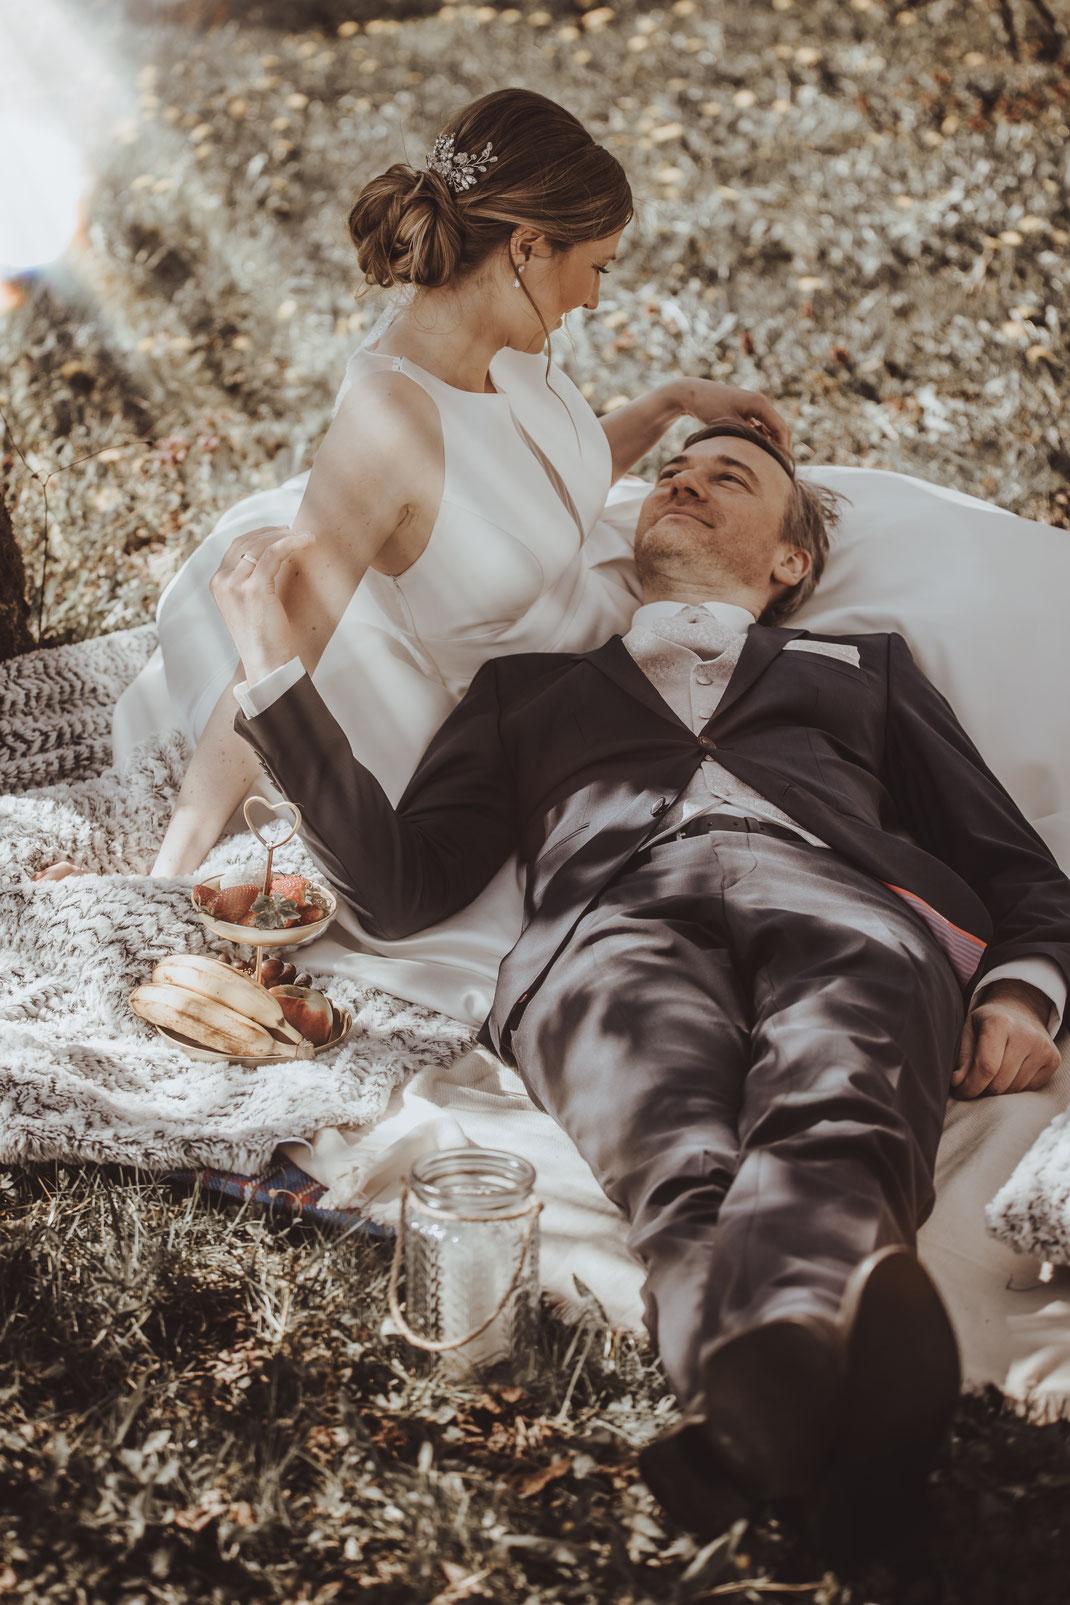 Mit einem Brautpaarshooting wurden wunderschöne Szenen festgehalten